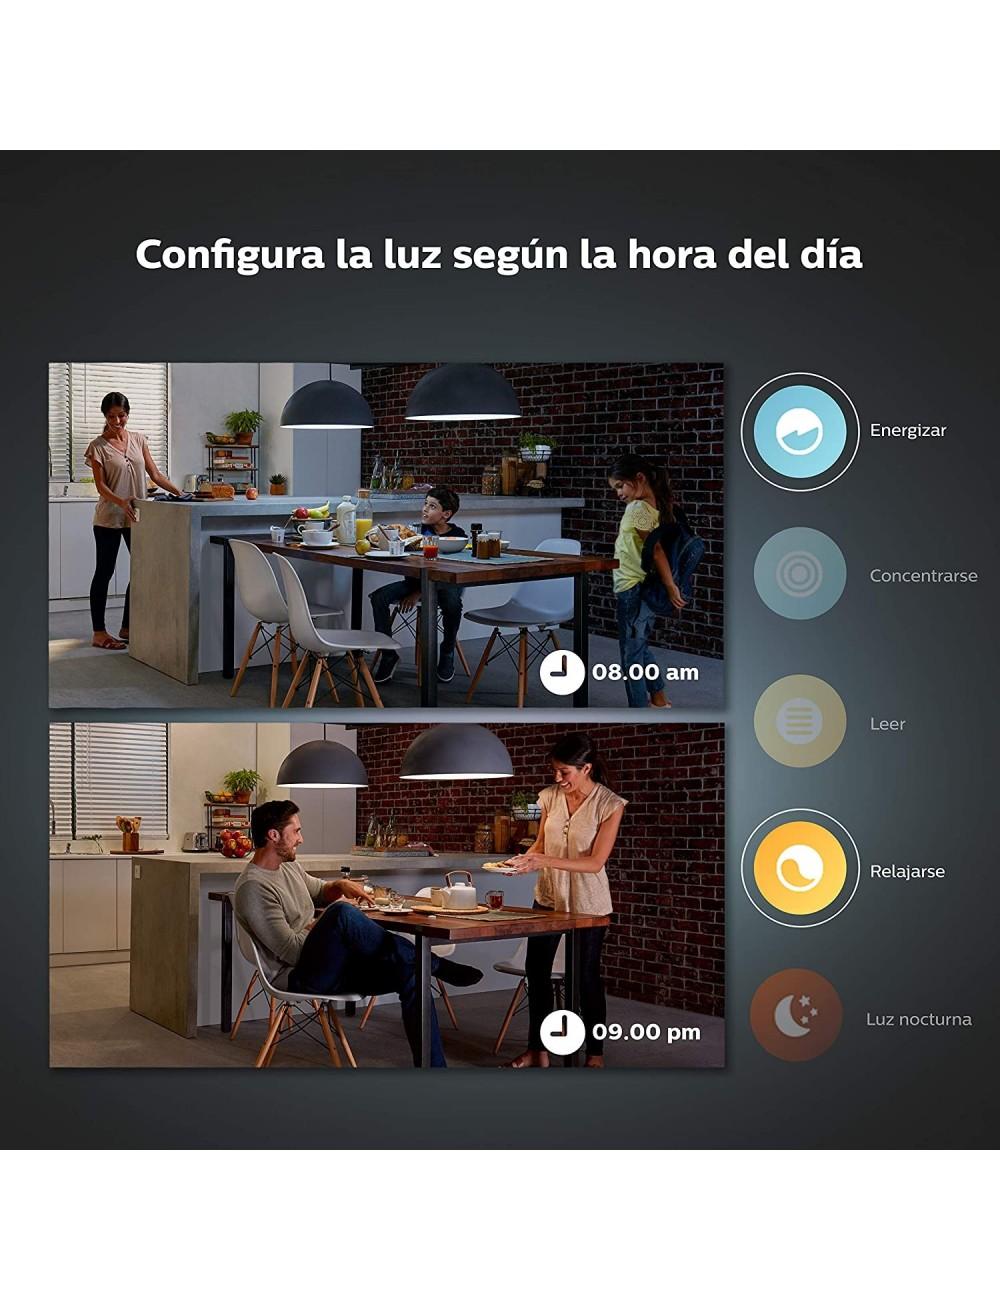 Philips Hue Enchufe Smart Plug con Bluetooth y Compatible con Alexa y Google Home Philips Hue Interruptor Smart Button con Bluetooth Compatible con Alexa y Google Home